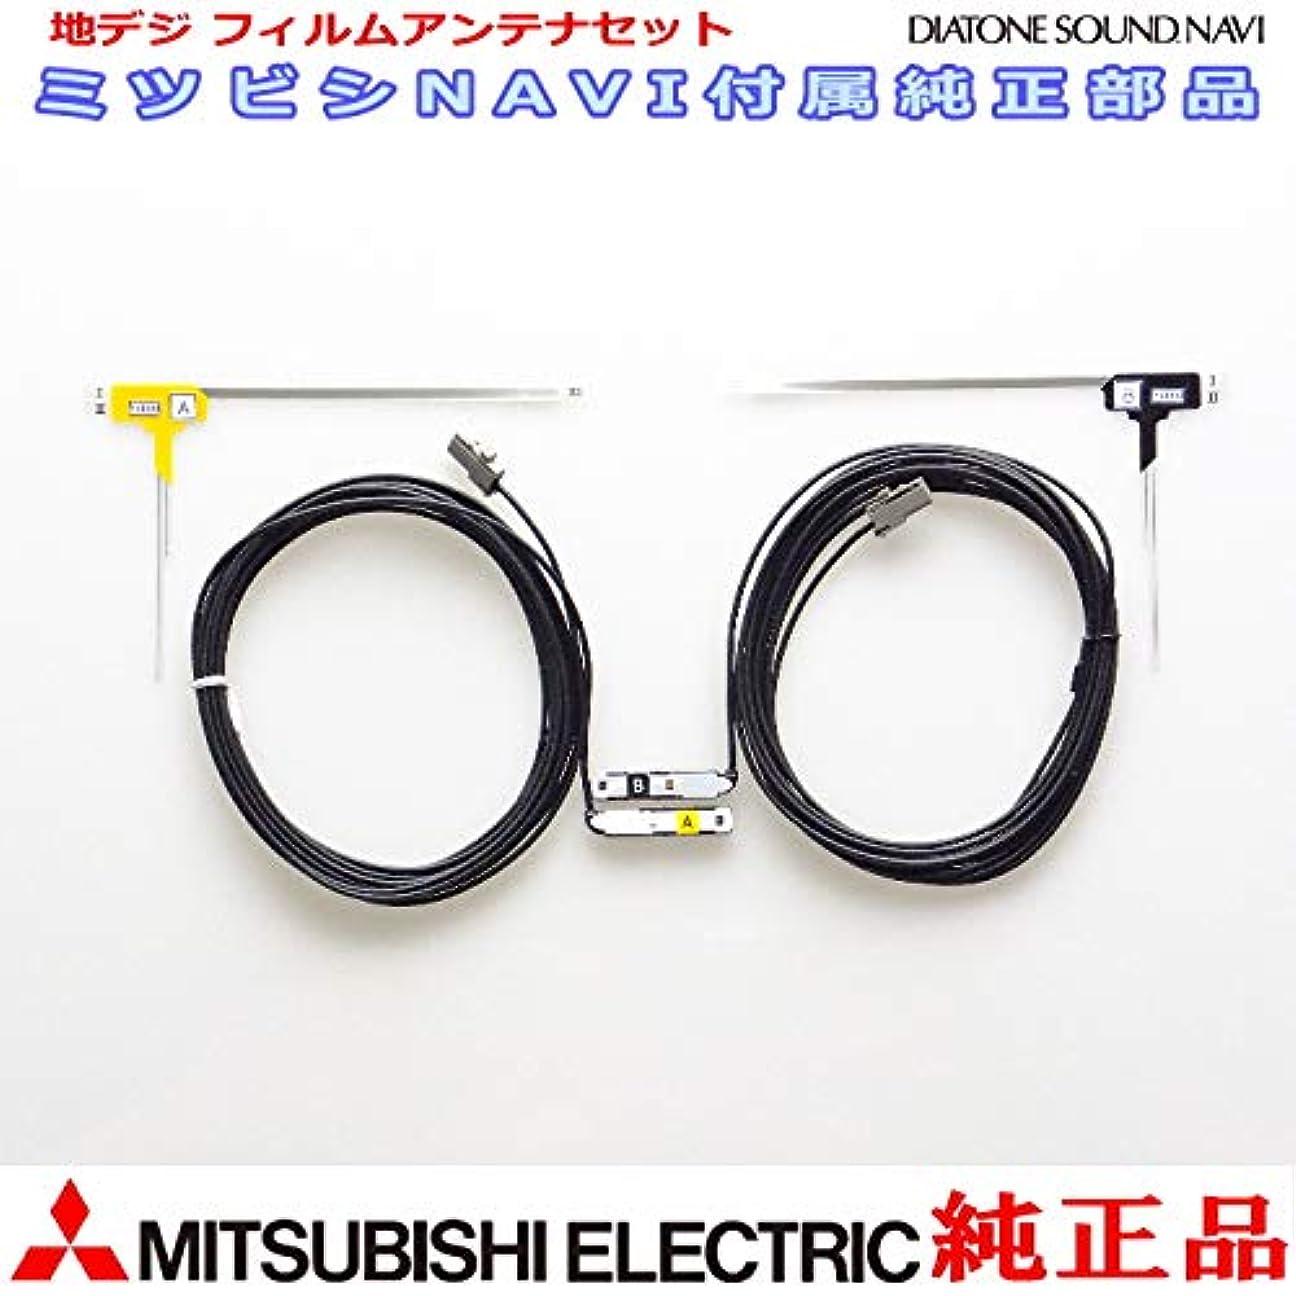 解体する主人浸透する地デジTV フィルム アンテナ コード Set MITUBISHI NR-MZ50N 純正品 (M01